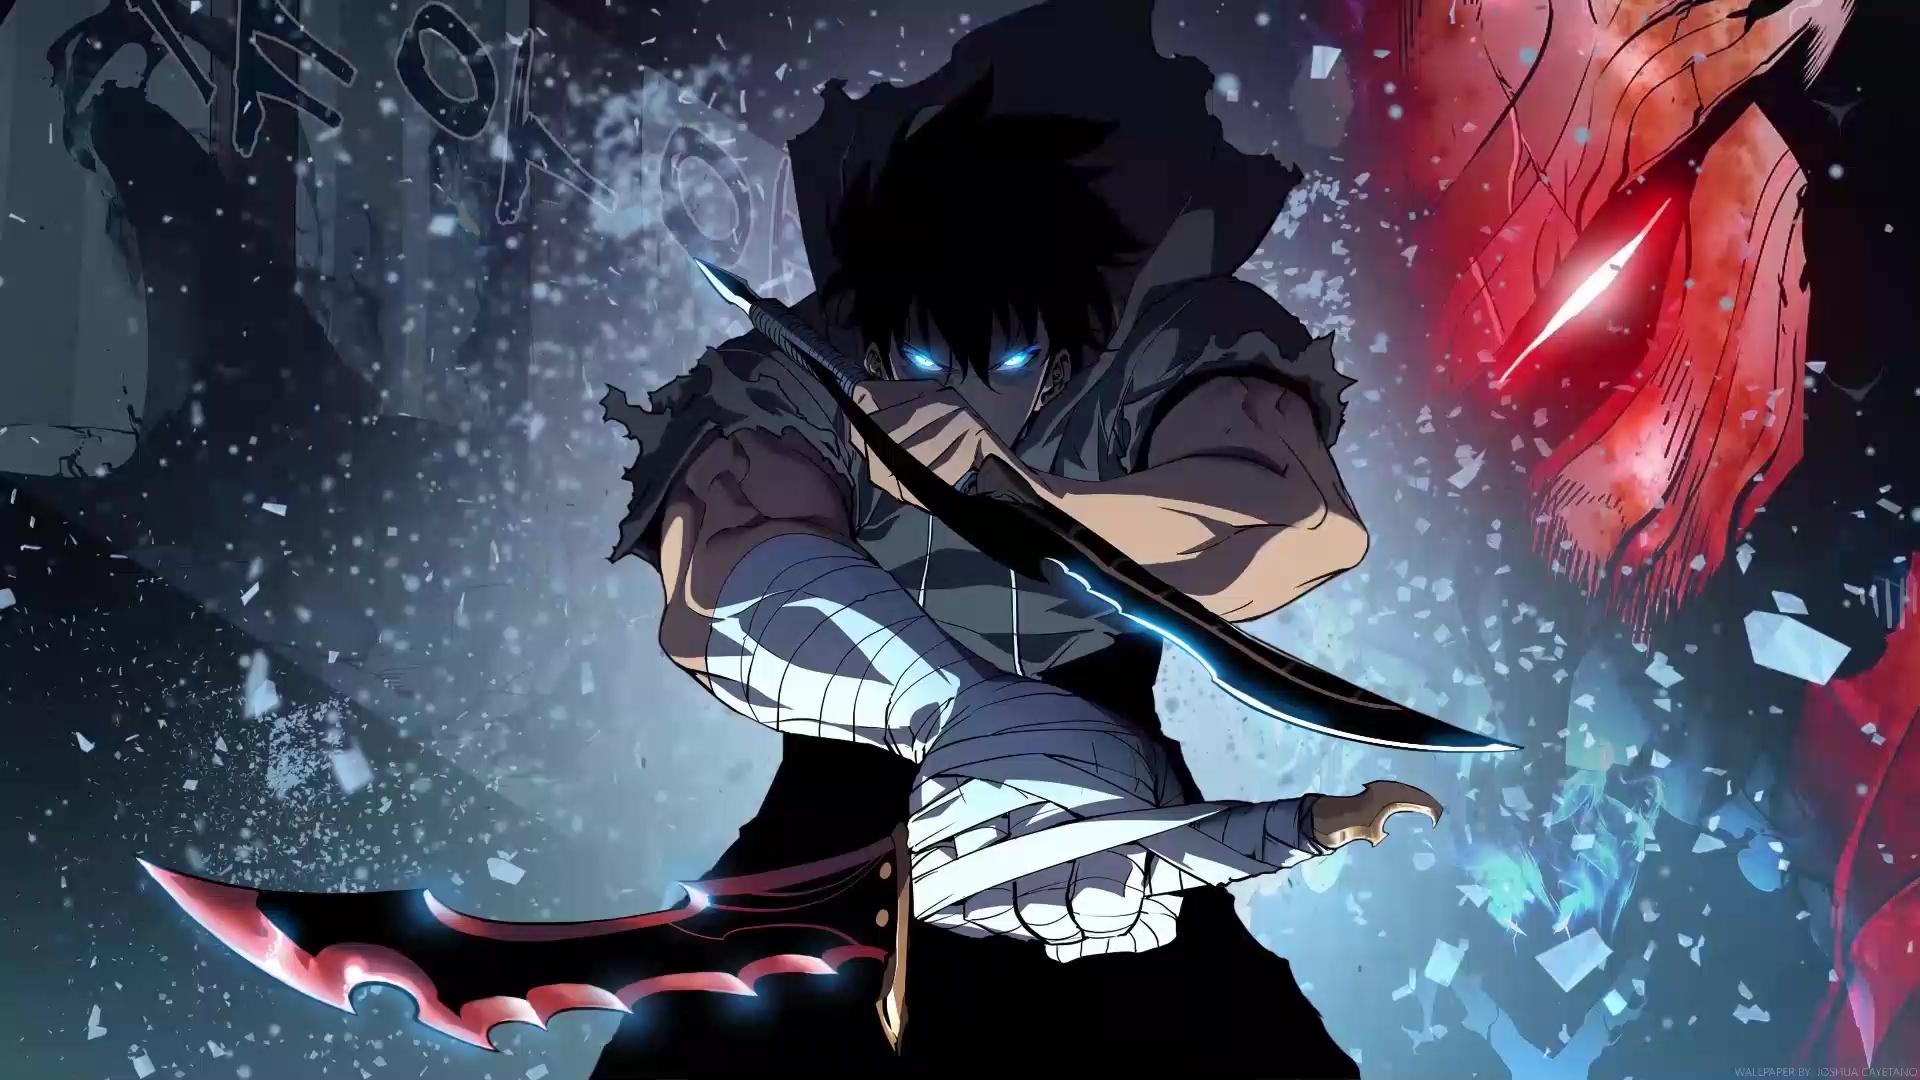 3d Live Anime Wallpaper For Pc gambar ke 14